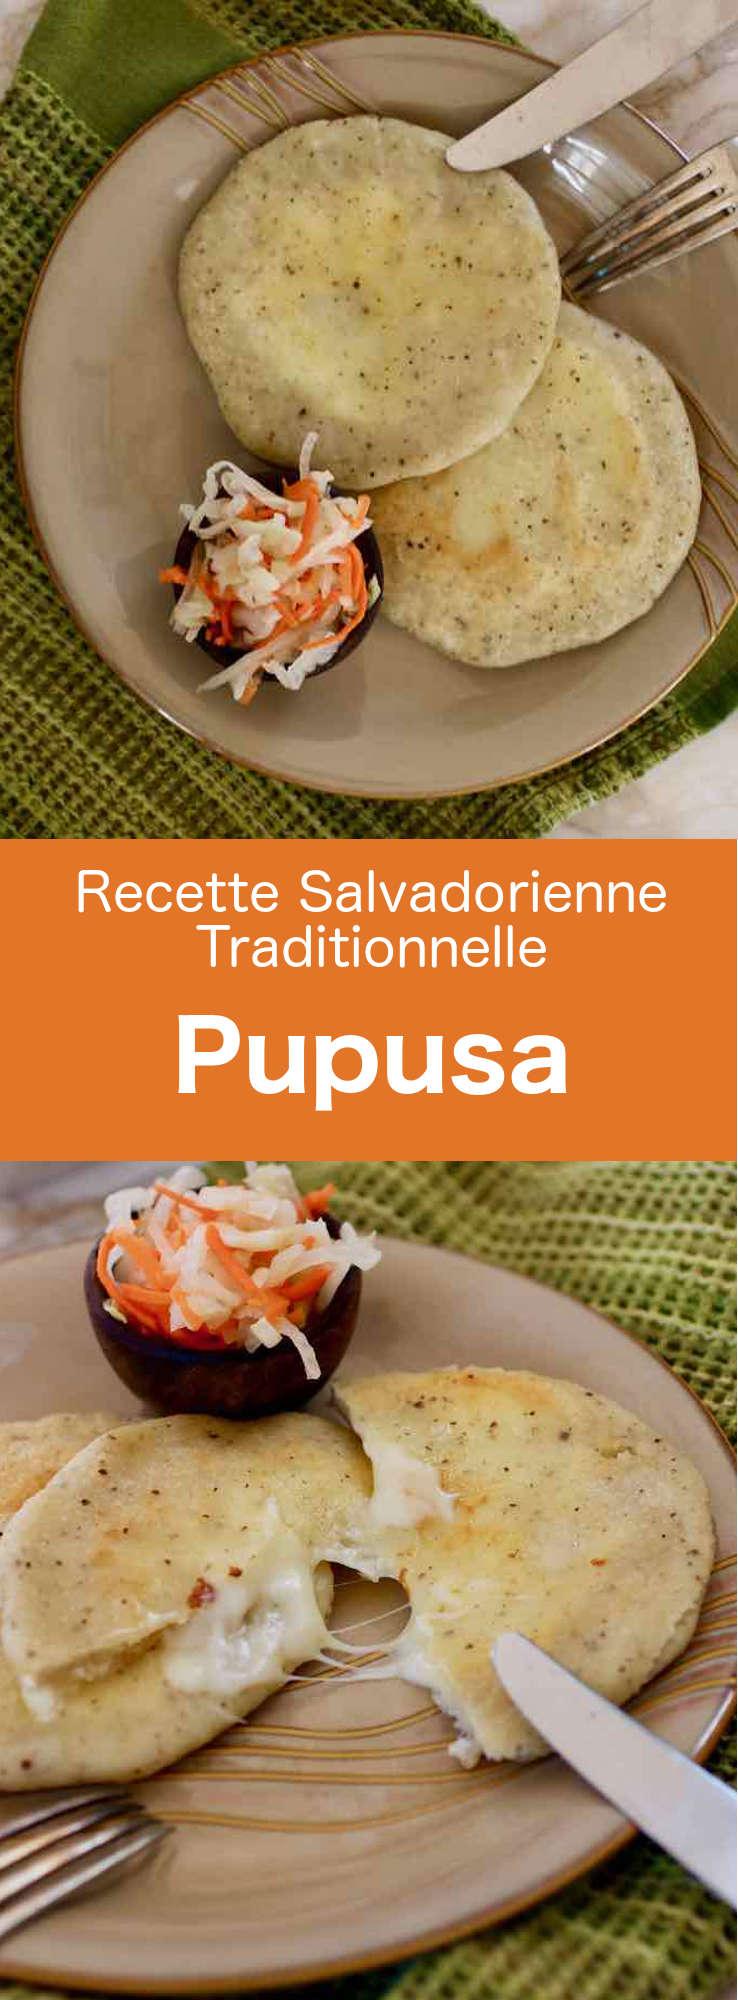 Les pupusas sont des crepes de farine de maïs du Salvador farcies de fromage, haricots (frijoles refritos) ou porc (chicharrón). #Salvador #RecetteSalvadorienne #CuisineDuMonde #196flavors